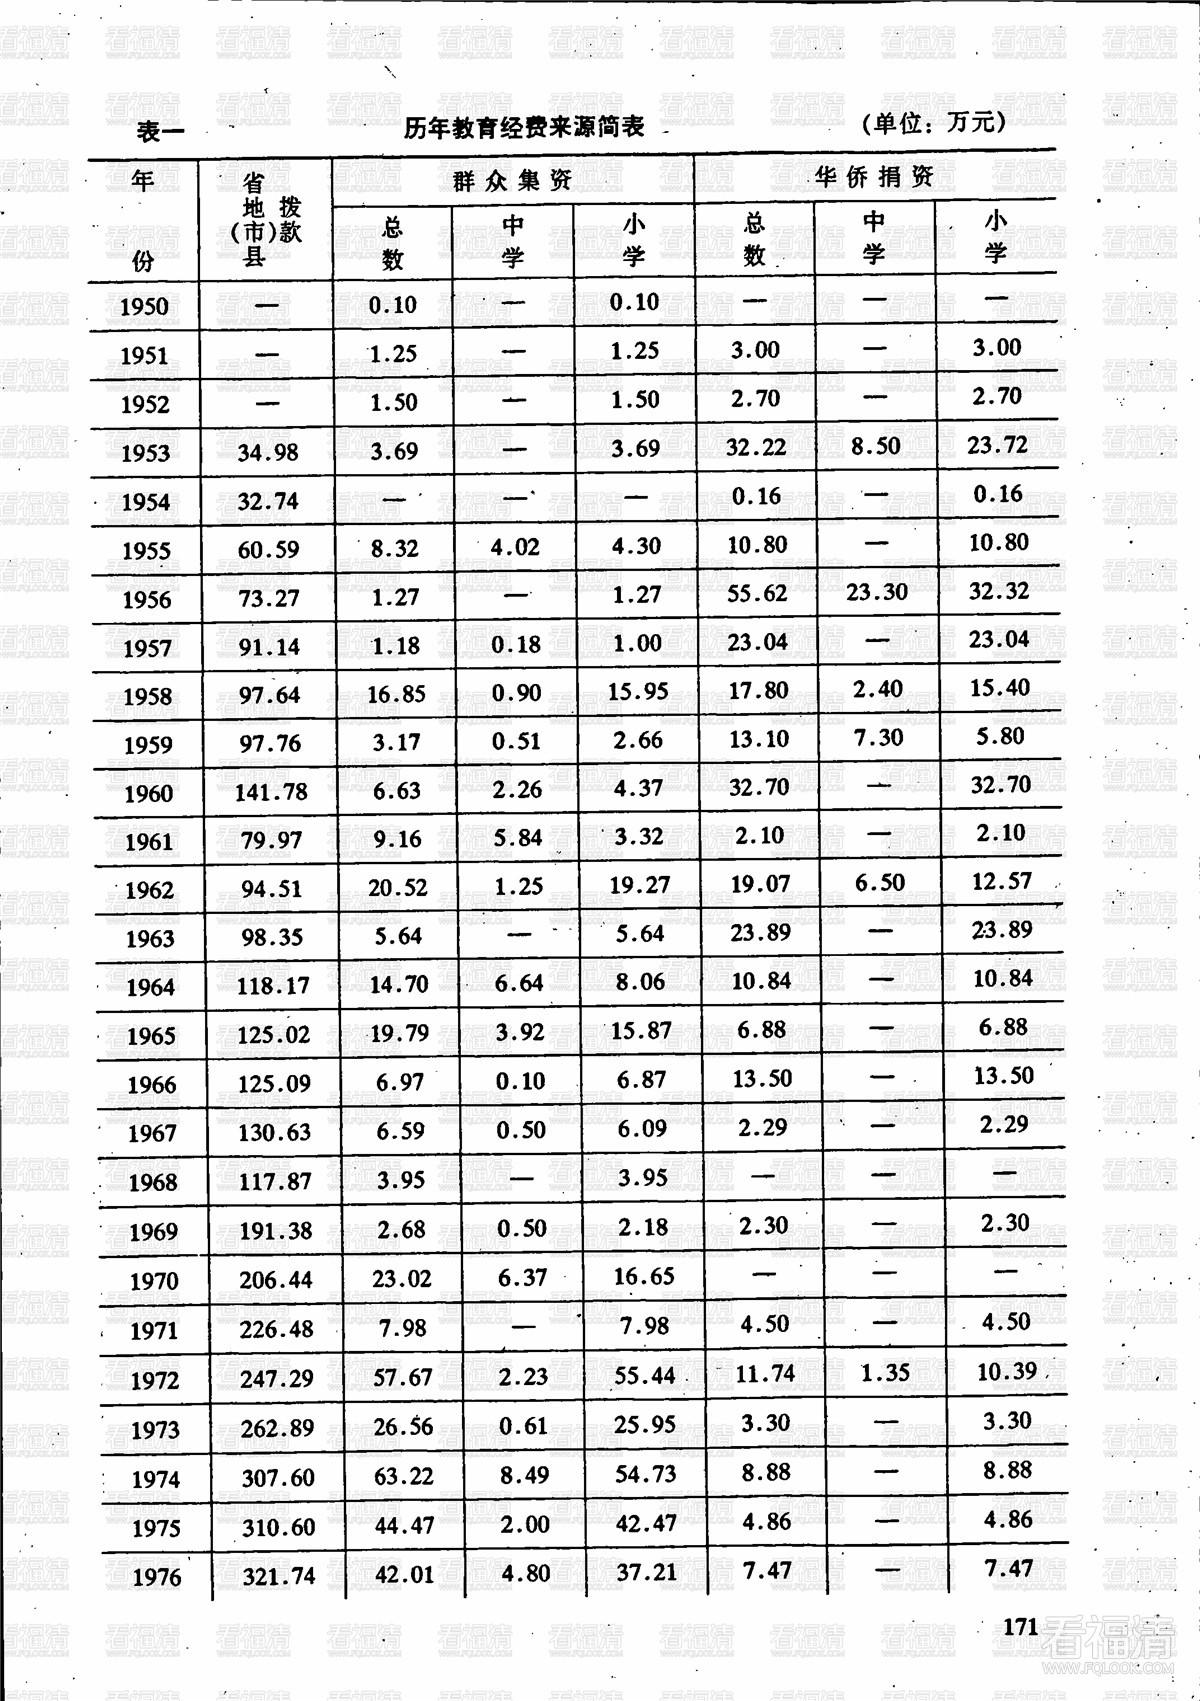 福清教育志:第十章 教育行政 / 4-1 教育经费-经费来源